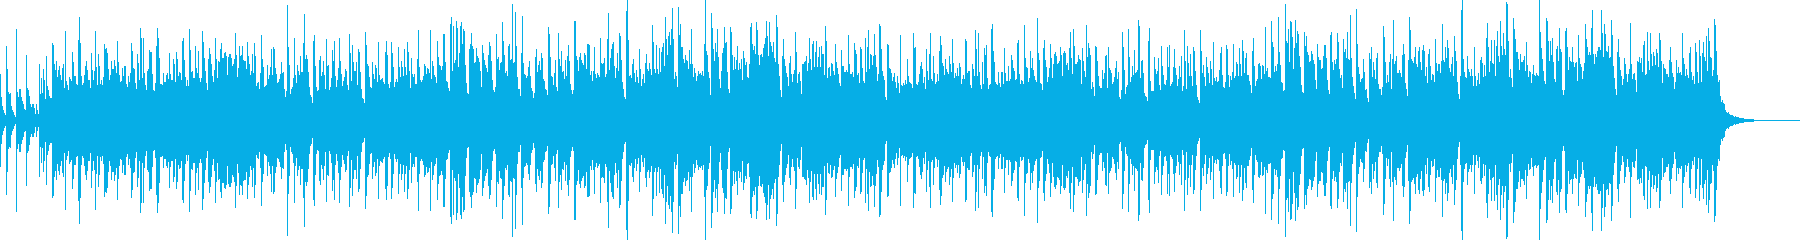 和風ノリが良い元気-バンド+尺八+三味線の再生済みの波形